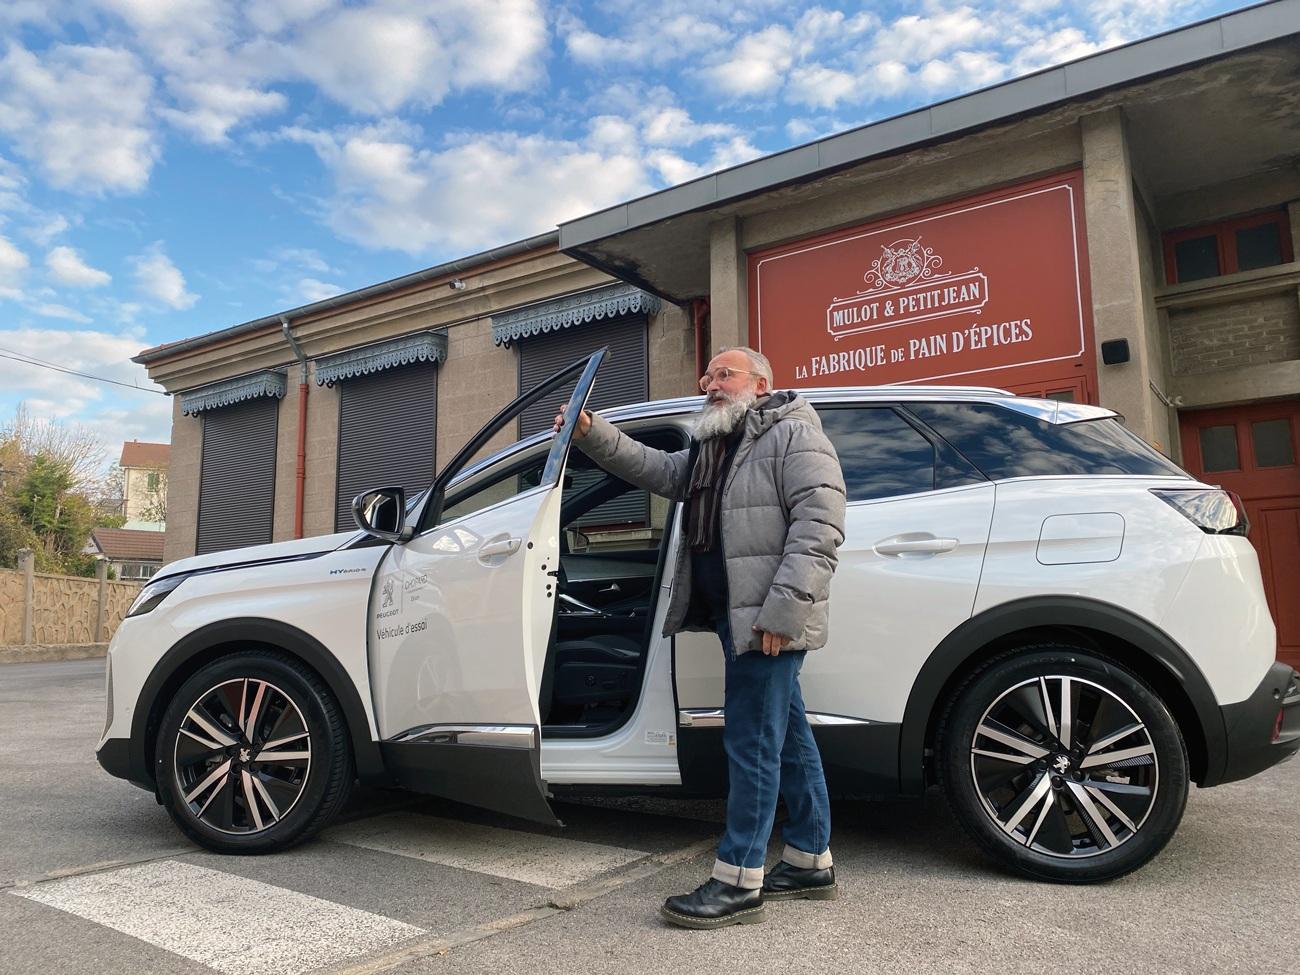 Essai Peugeot x Mulot & Petitjean : « Stan » au pays des nonnettes